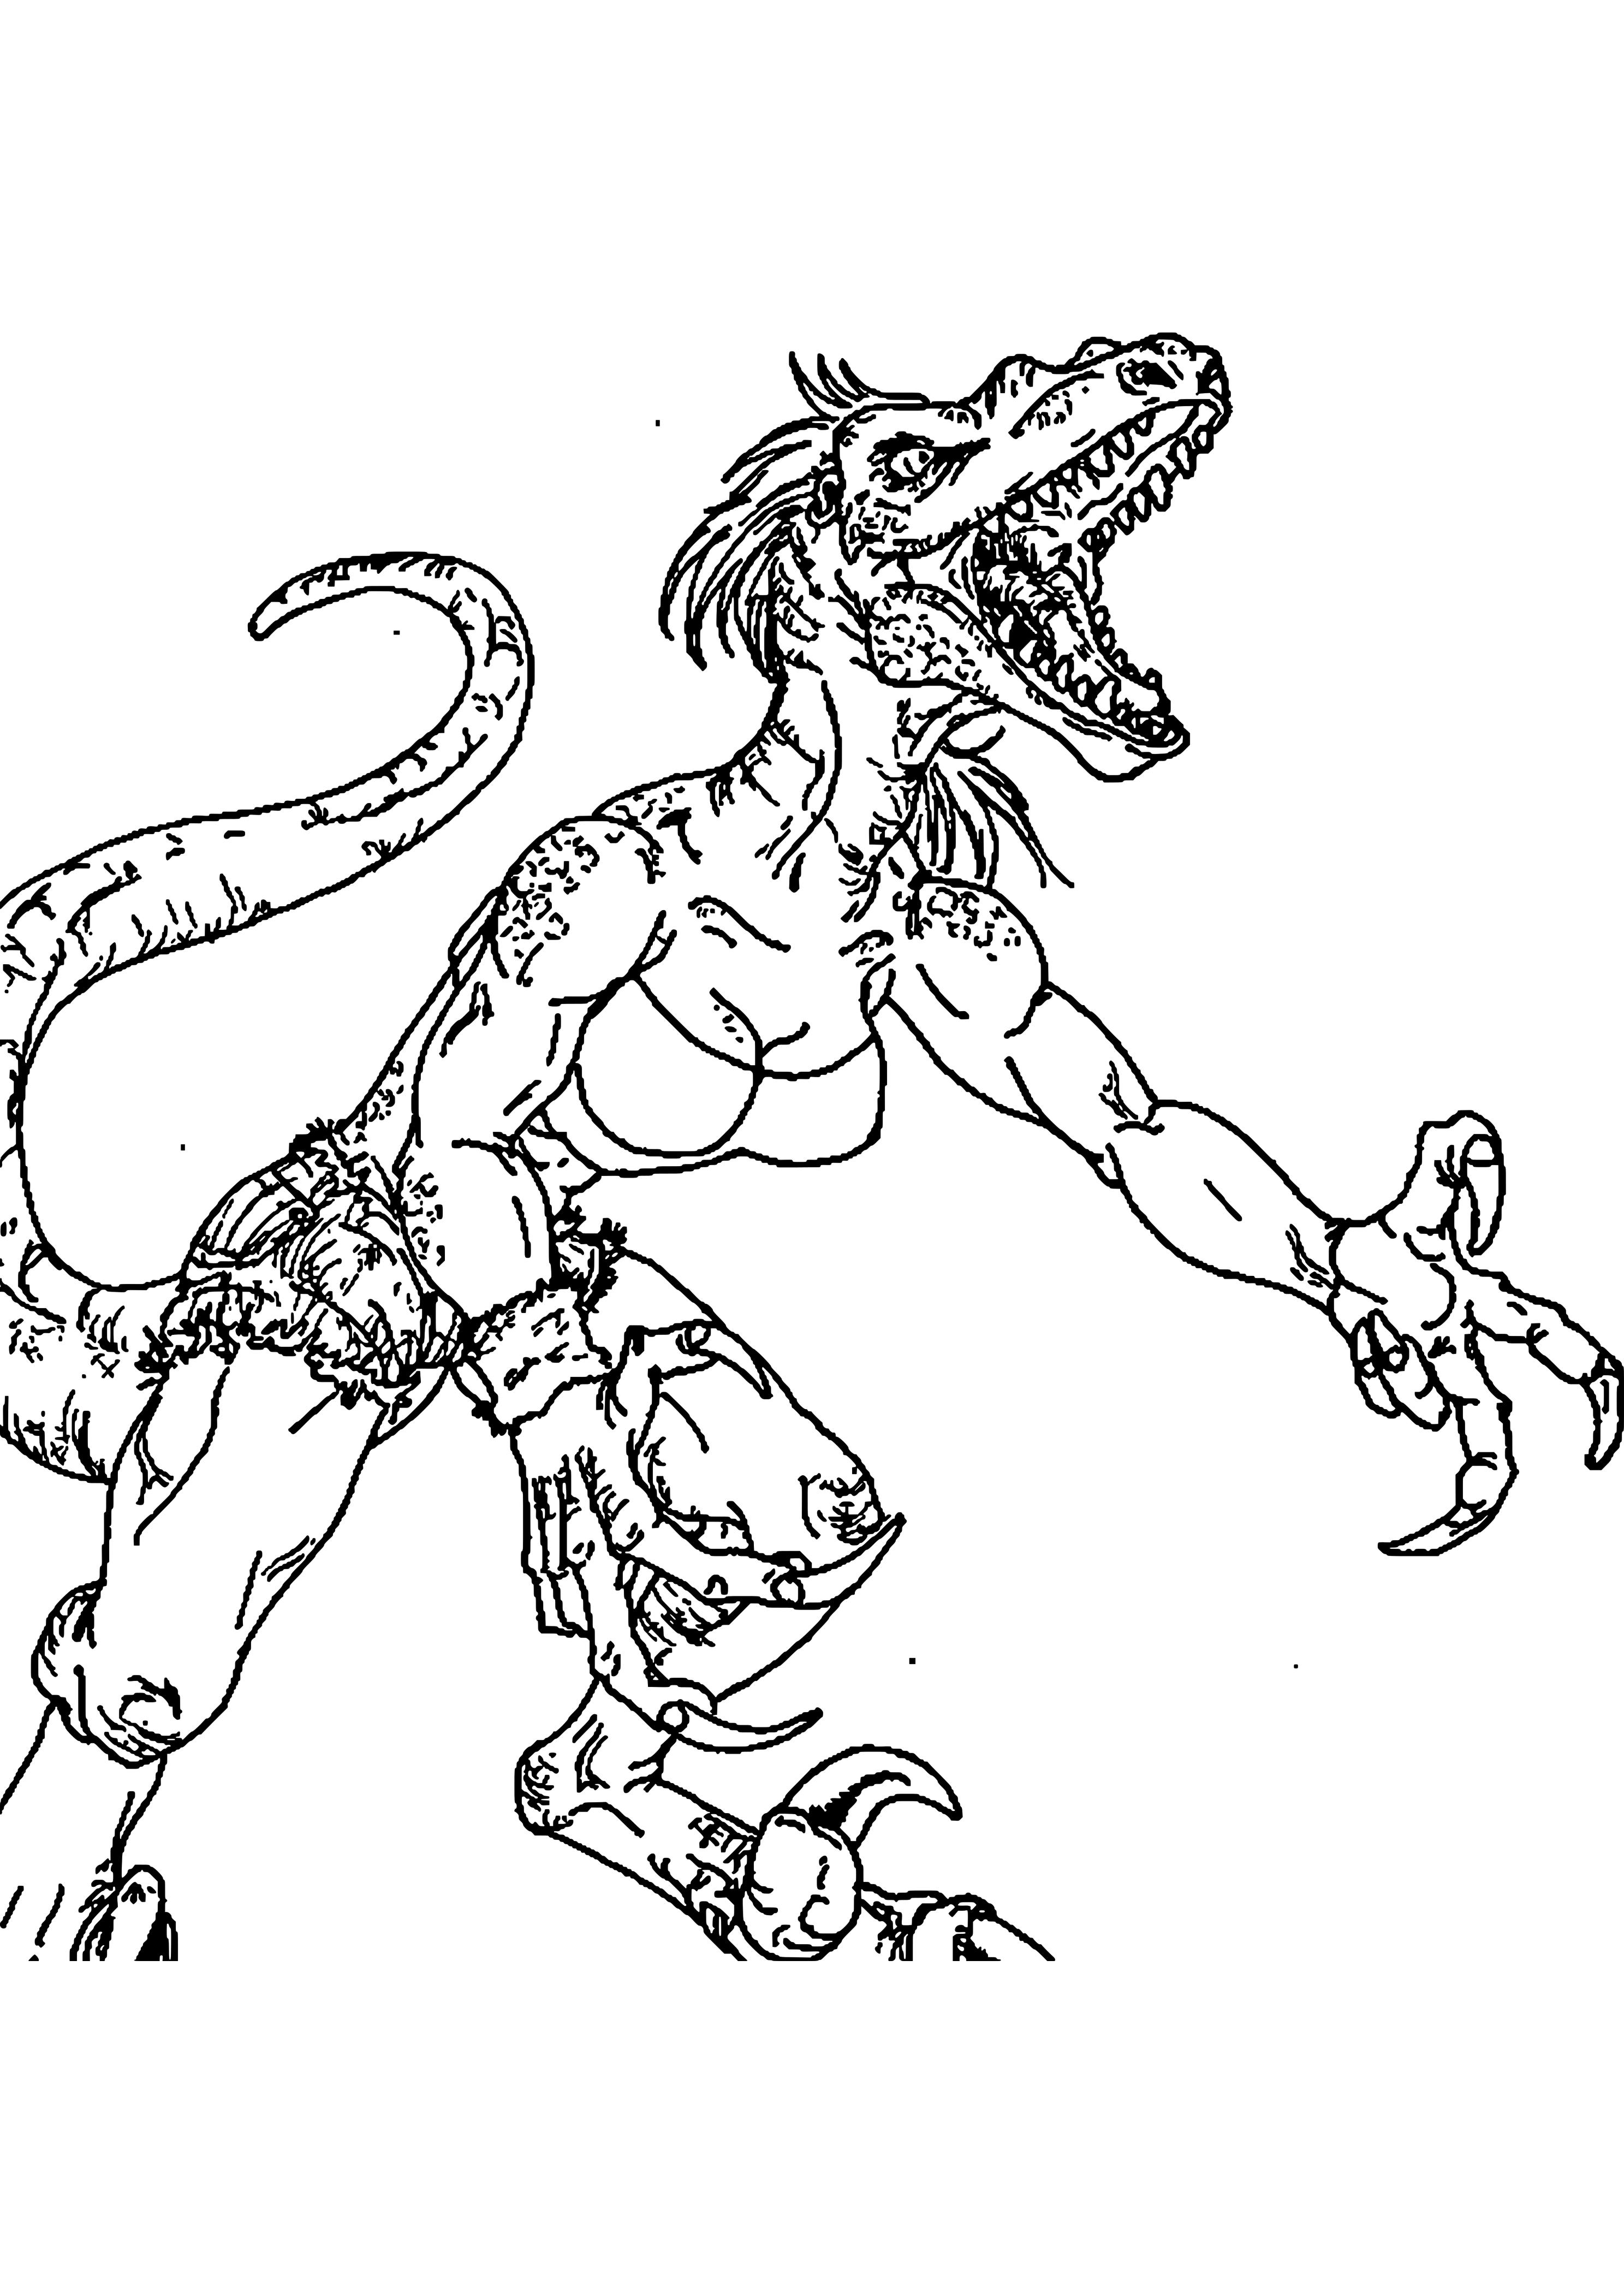 Drachenzähmen Leicht Gemacht Ausmalbilder Drachen : Ausmalbilder Tiere Drachen Drachen Drucken Zum Ausdrucken